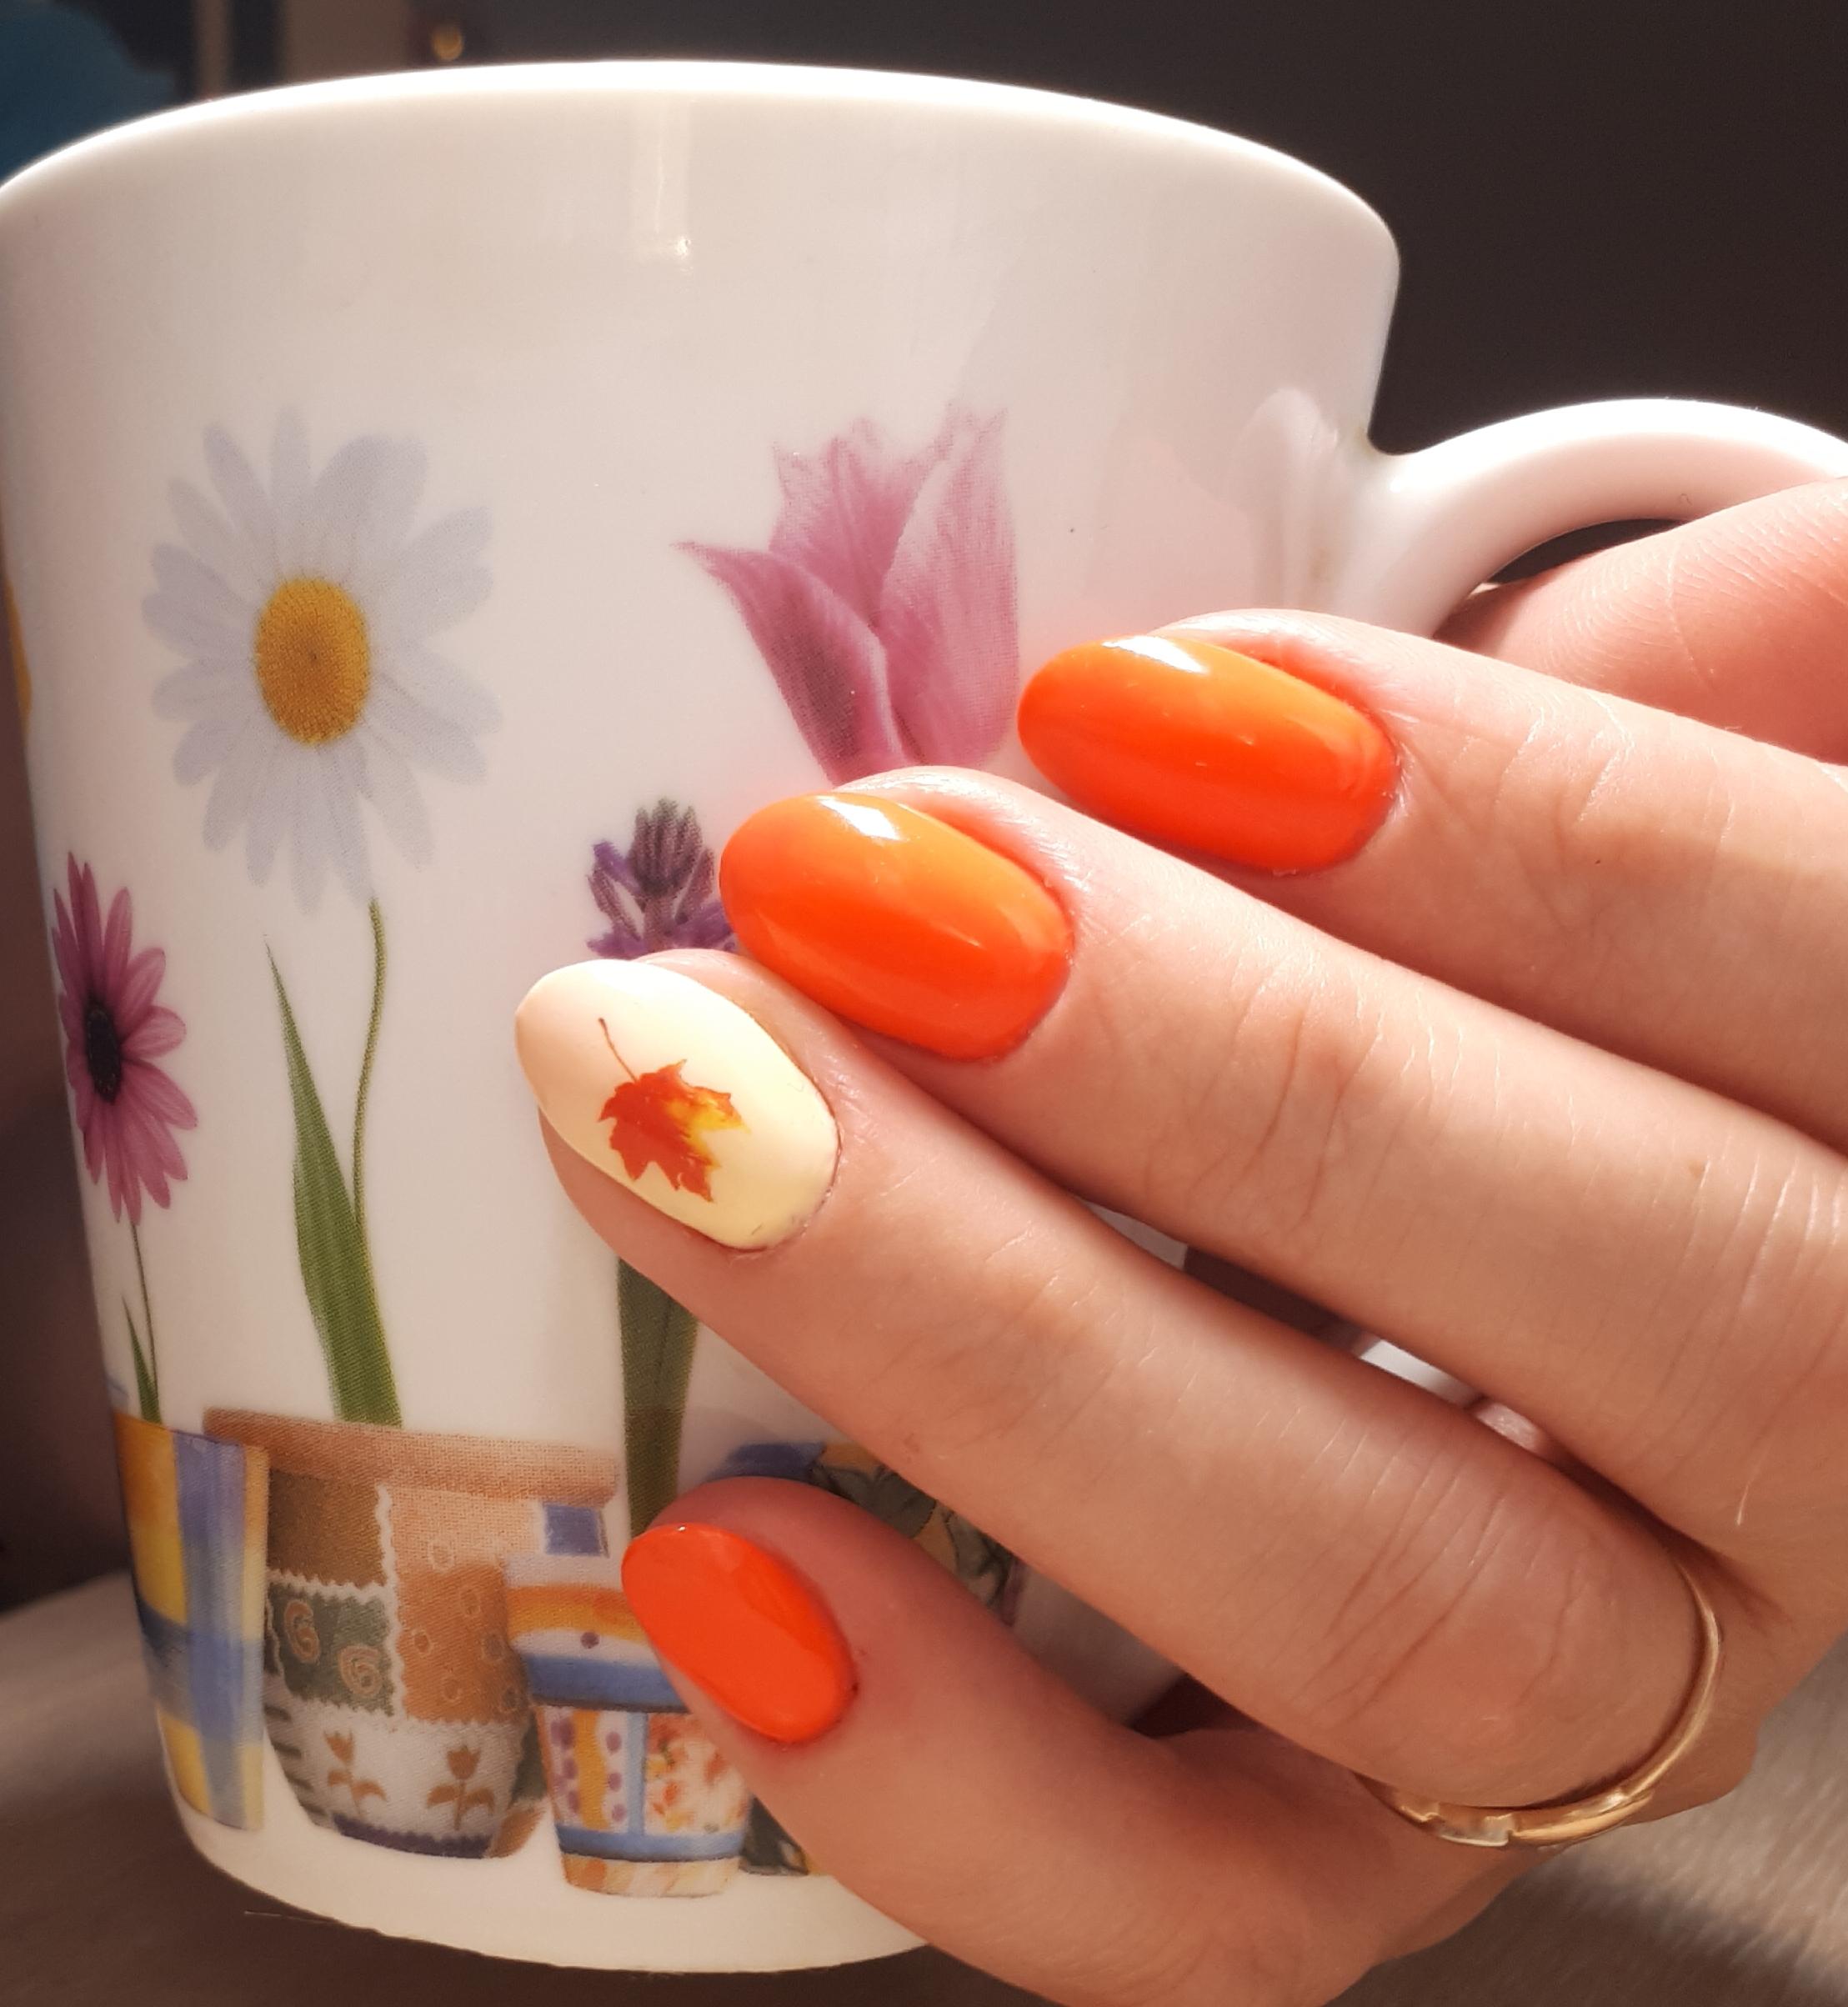 Осенний маникюр с кленовым листочком в рыжем цвете на короткие ногти.